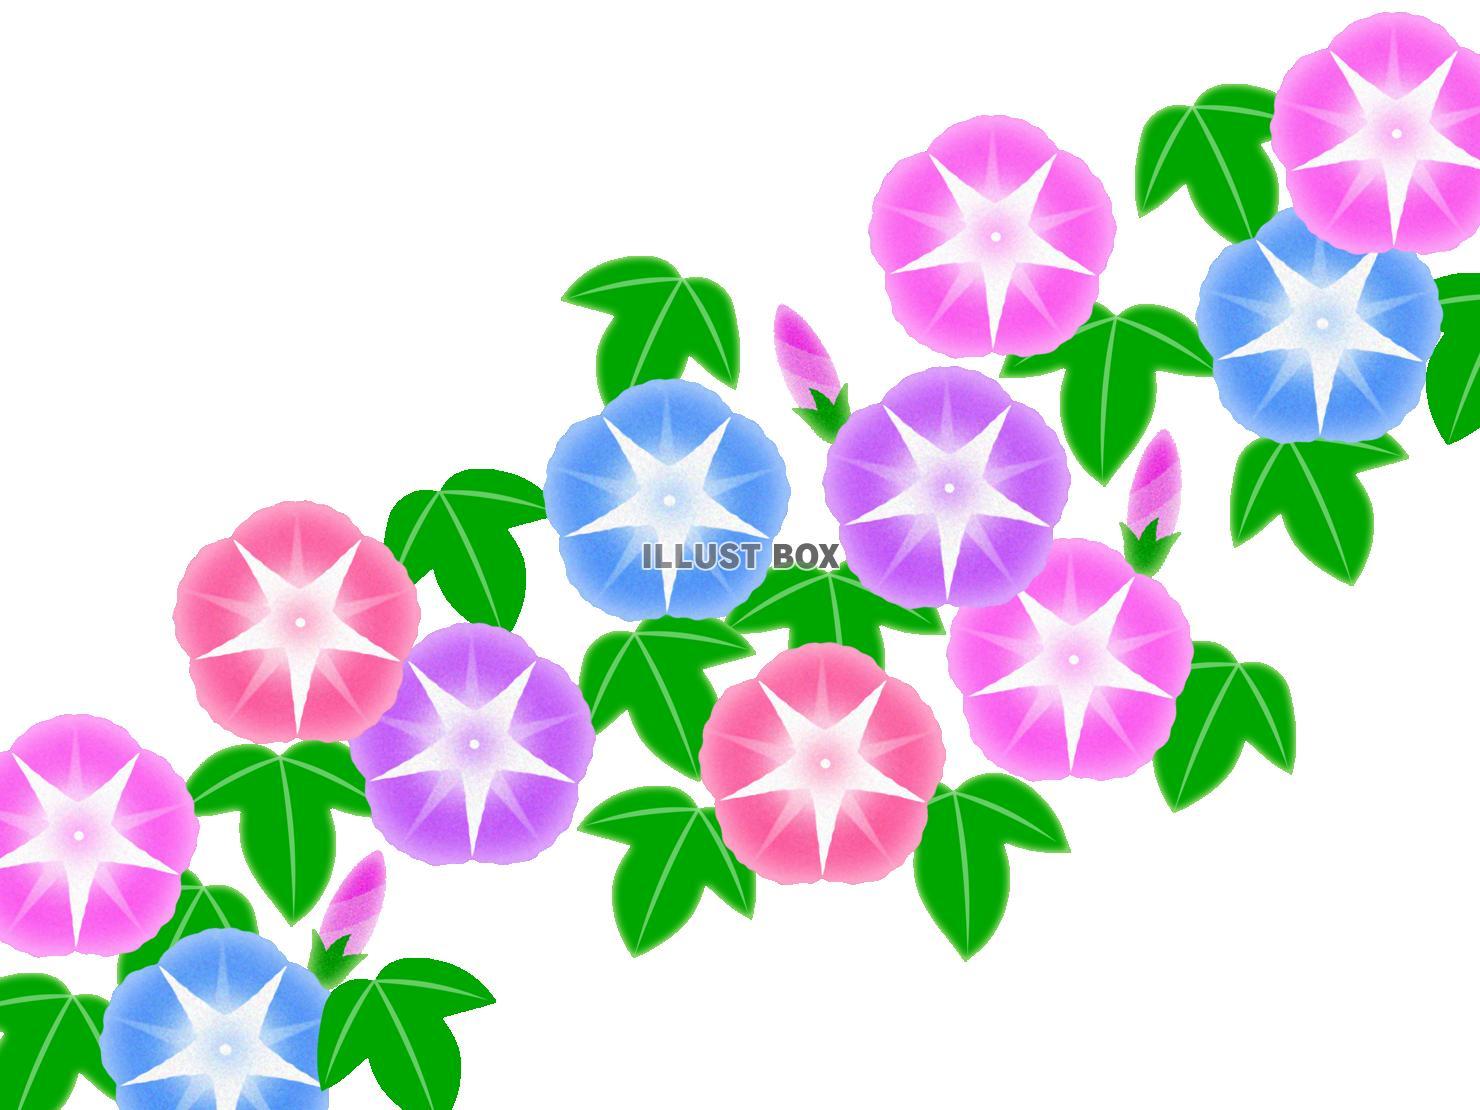 無料イラスト 朝顔イラスト背景素材アサガオの花模様壁紙。透過png